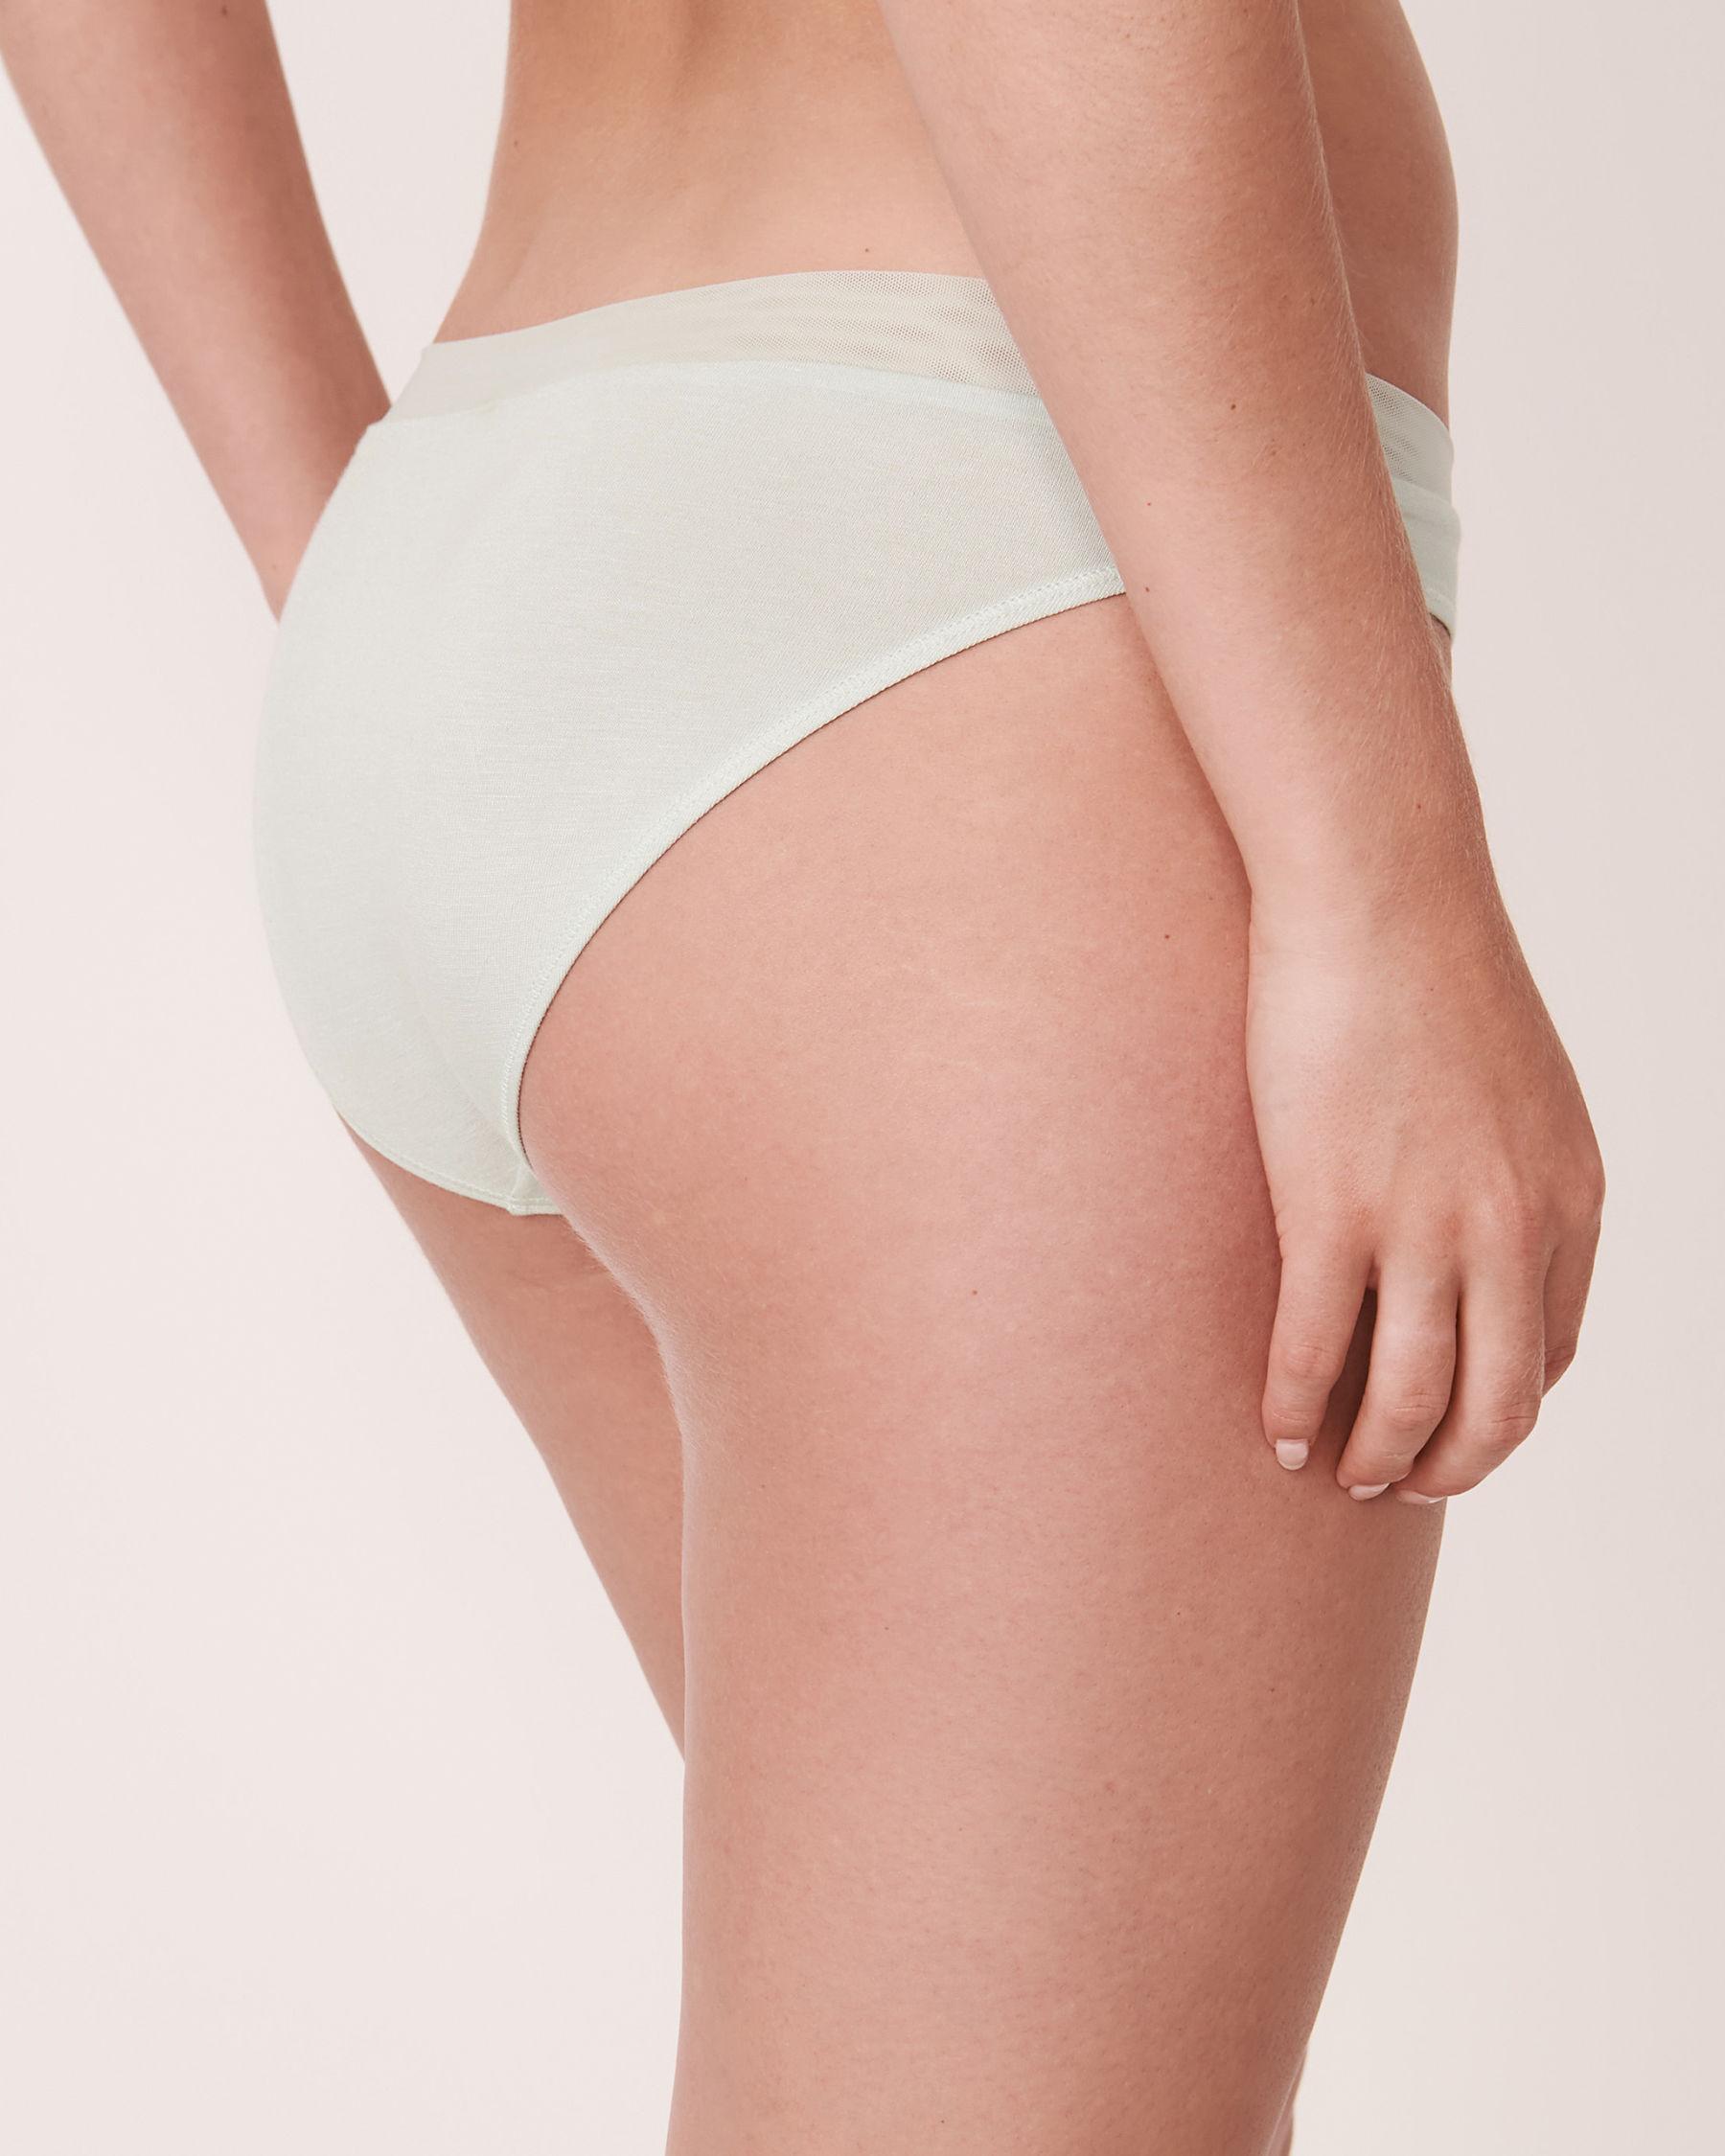 LA VIE EN ROSE Bikini Panty Sky 20100050 - View2